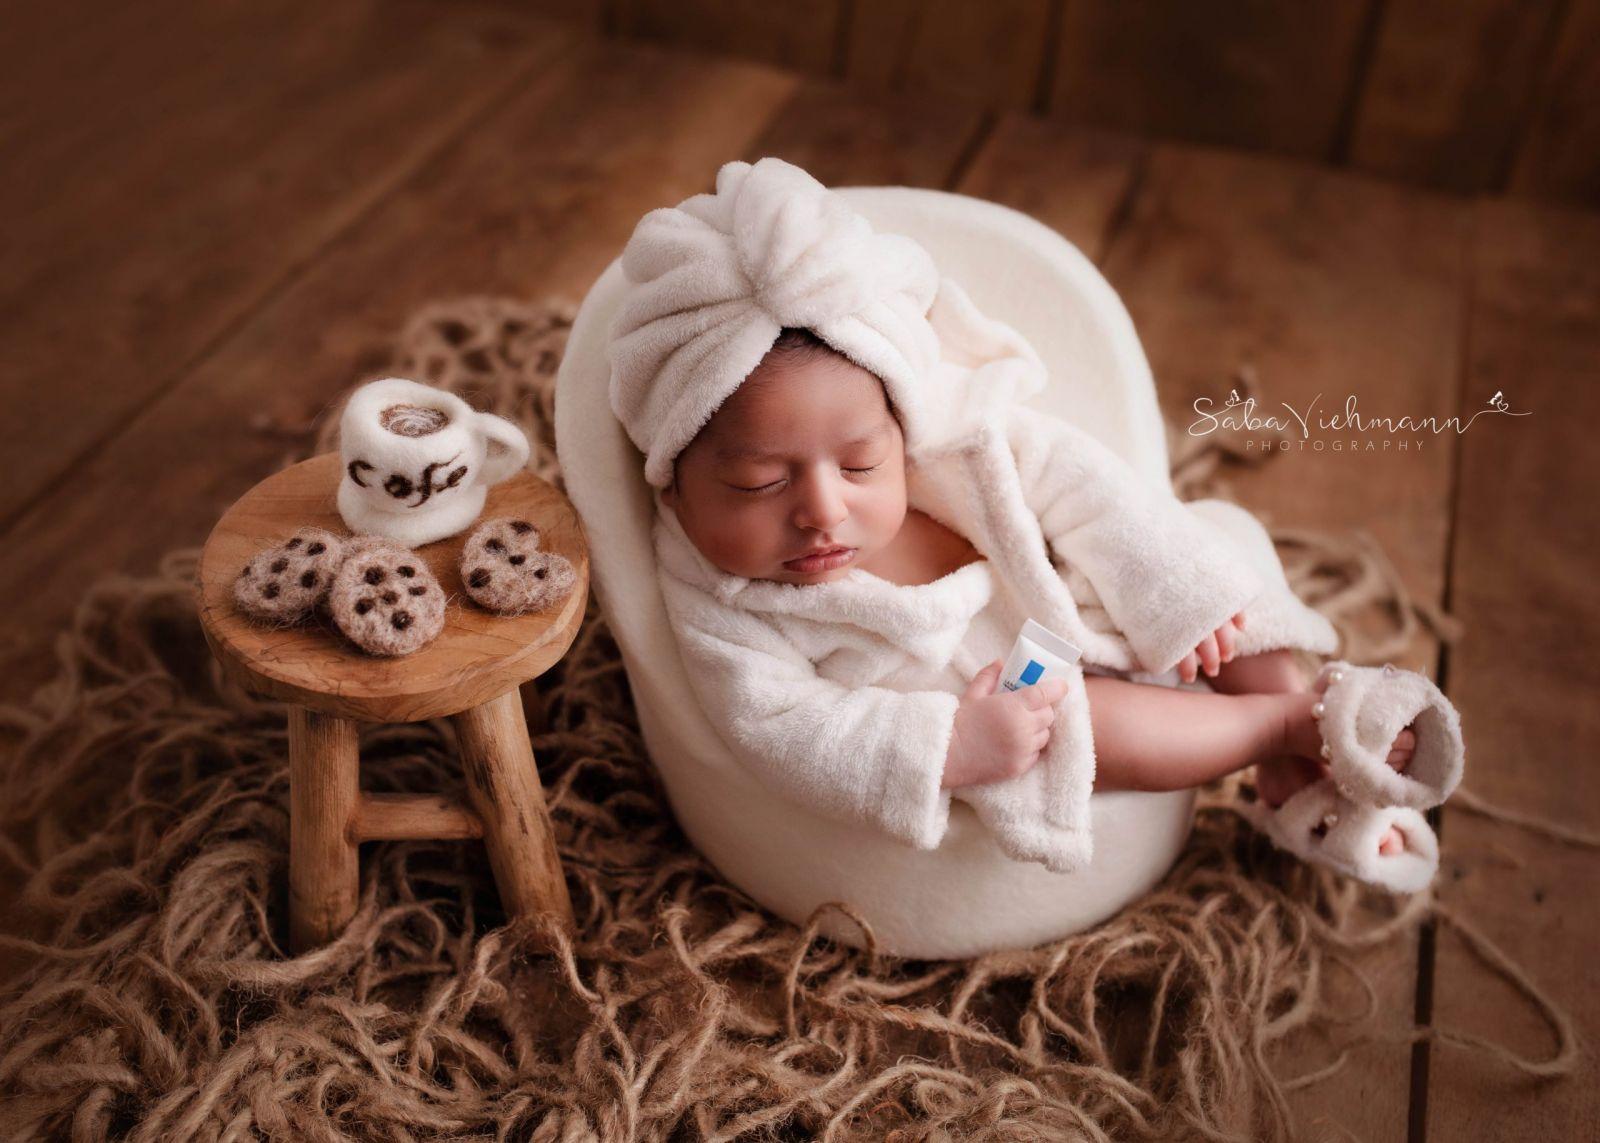 babyfotografie-giessen-frankfurt-am-main-wetzlar-marburg-lich-nidderaunidda-solms-weilburg-hohenahr-hanau-und-butzbach-babyfotografie-giessen-frankfurt-am-main-wetzlar-marburg-lich-nidderau nidda-solms